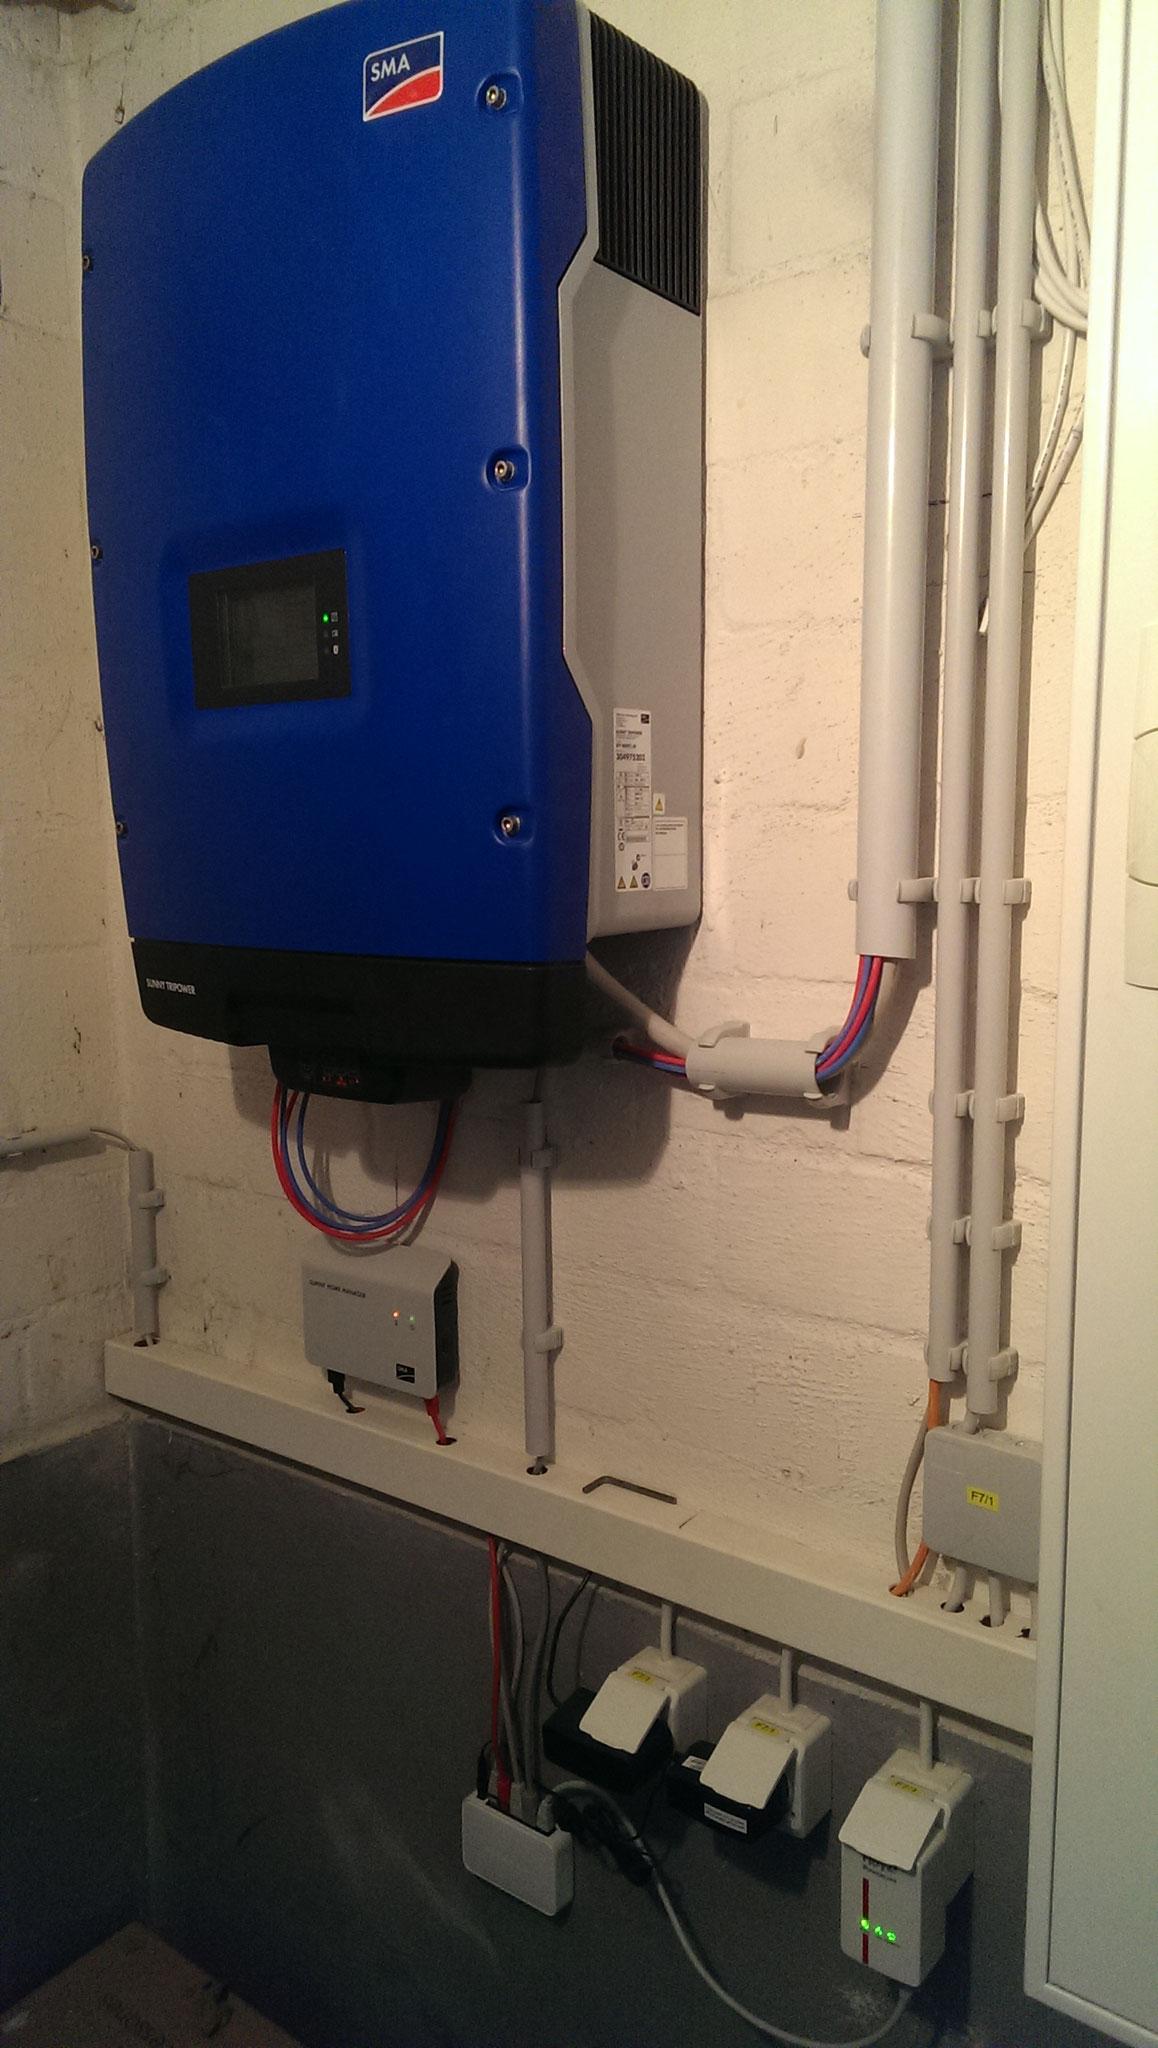 SMA Wechselrichter STP 8000TL-20